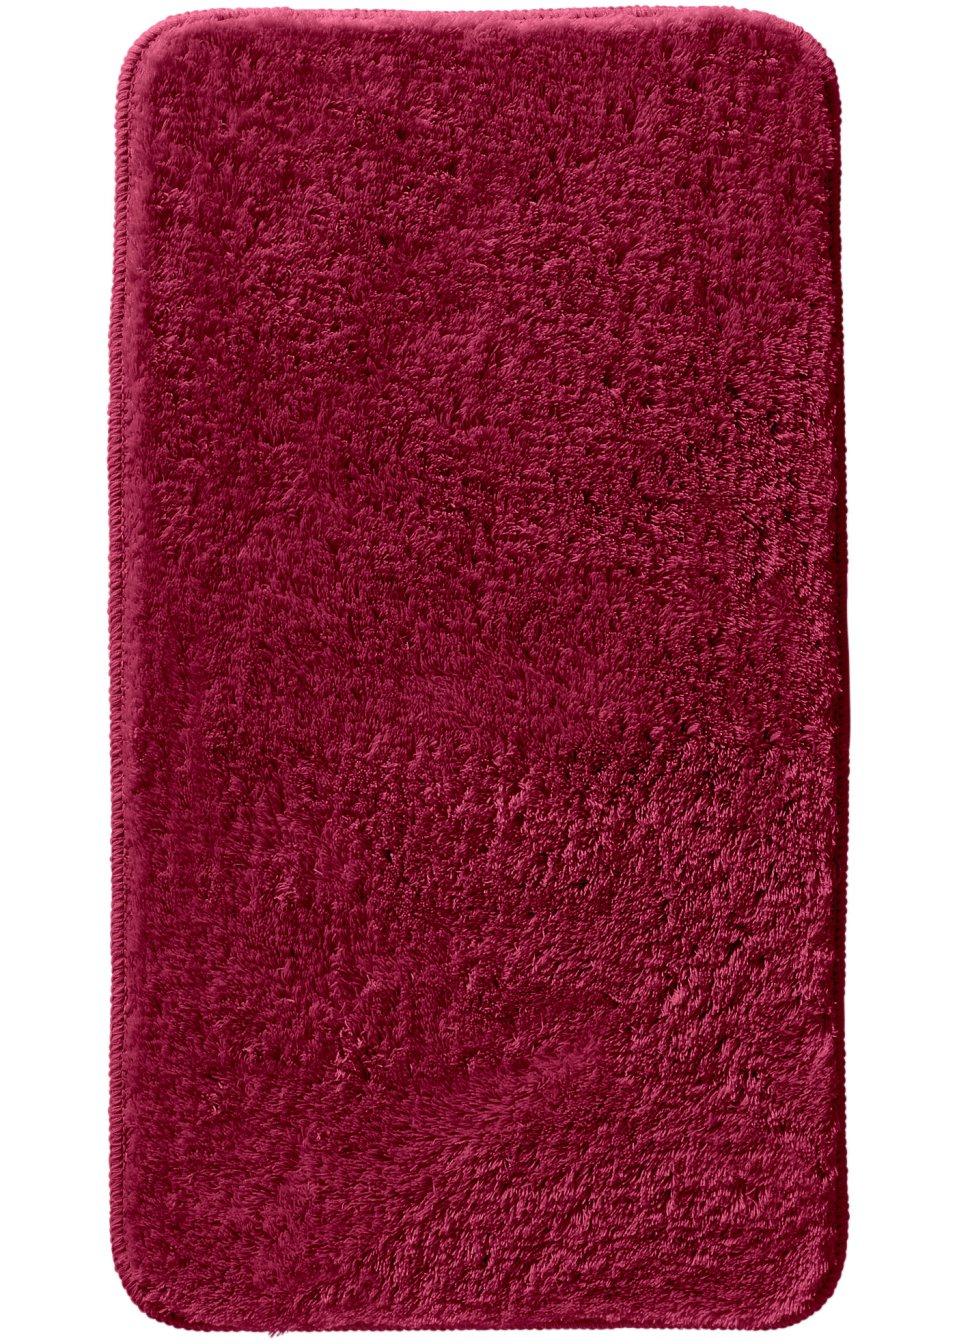 Tappetino per il bagno rimini mora casa - Bonprix tappeti bagno ...